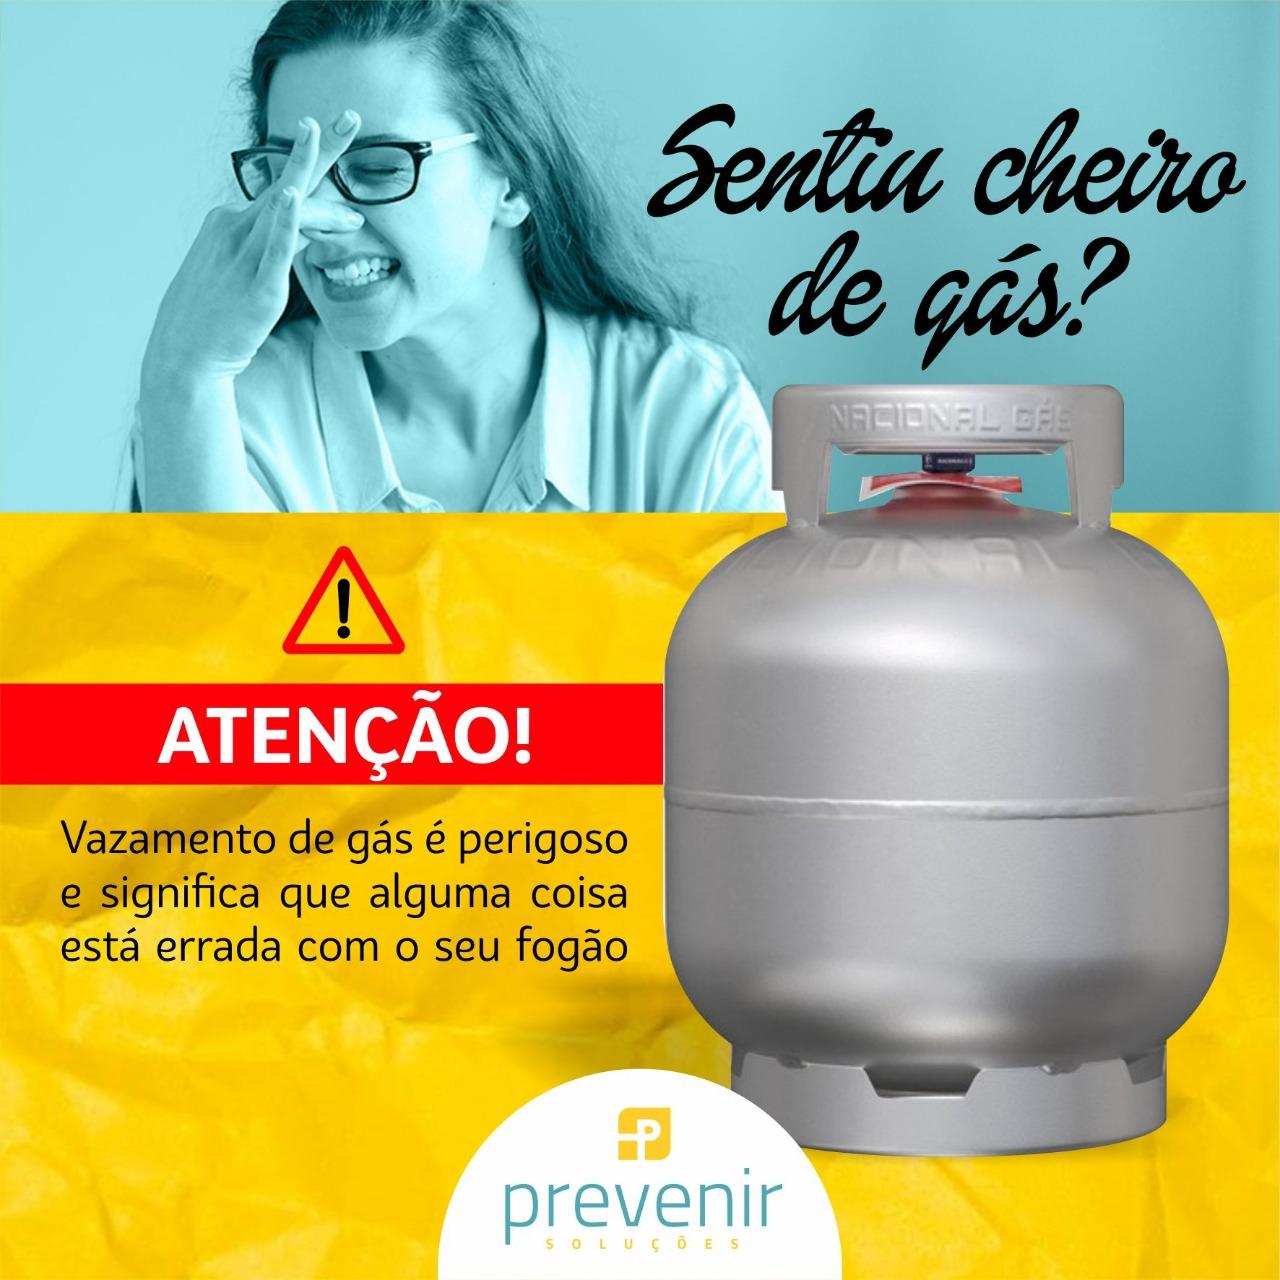 Segurança no Lar - vazamento de gás de cozinha!